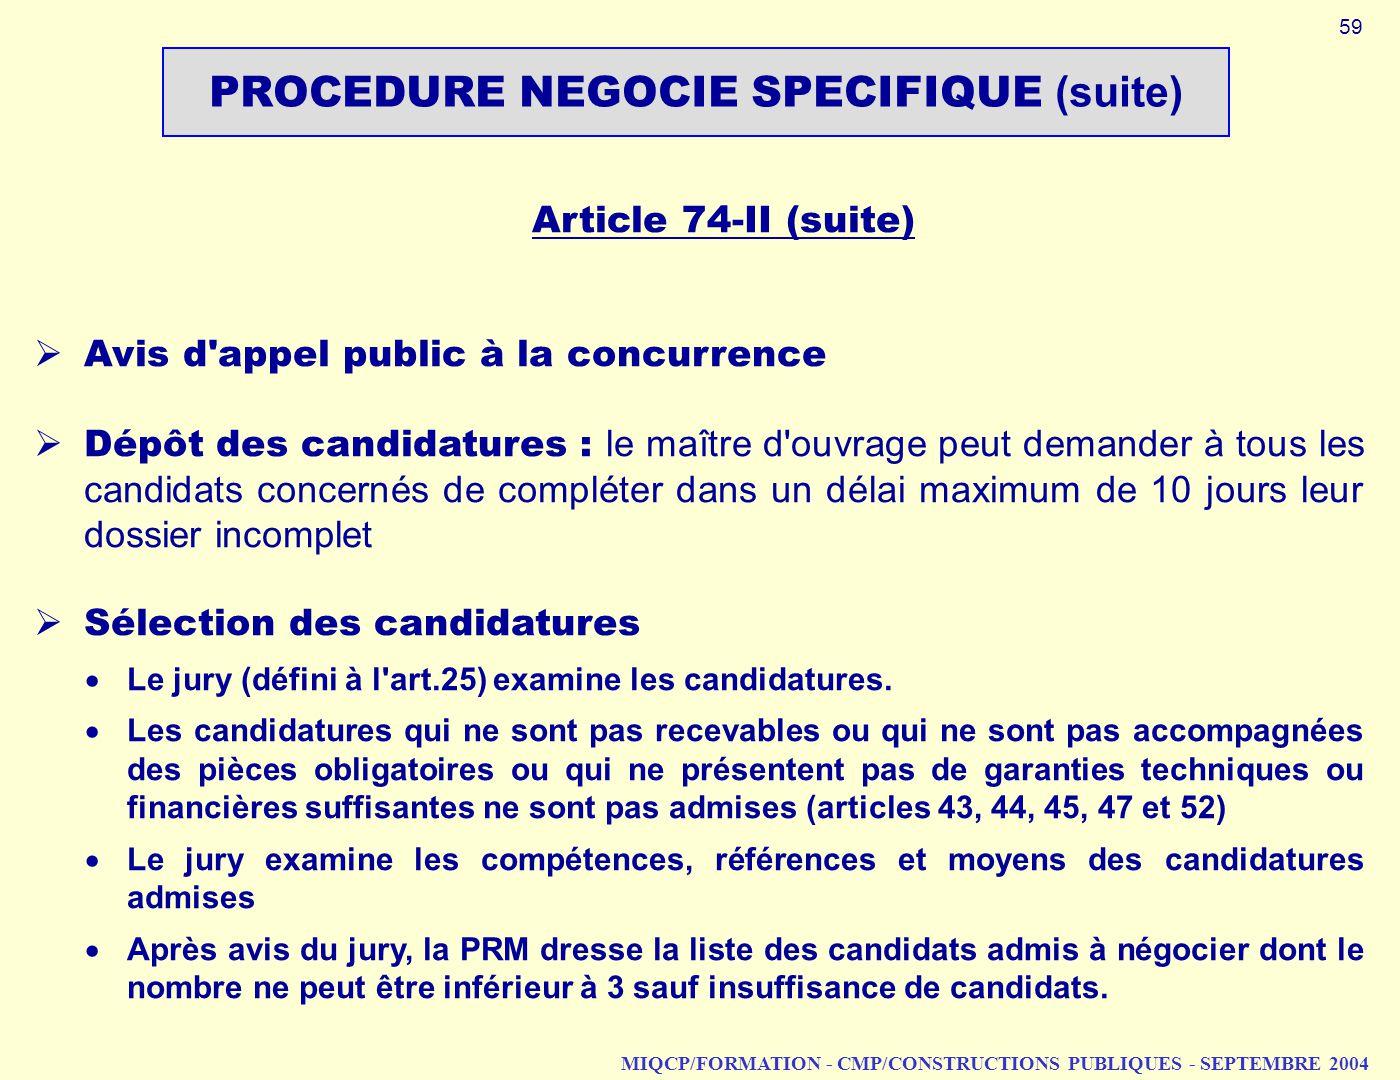 MIQCP/FORMATION - CMP/CONSTRUCTIONS PUBLIQUES - SEPTEMBRE 2004 Article 74 II (suite) Avis d'appel public à la concurrence Dépôt des candidatures : le